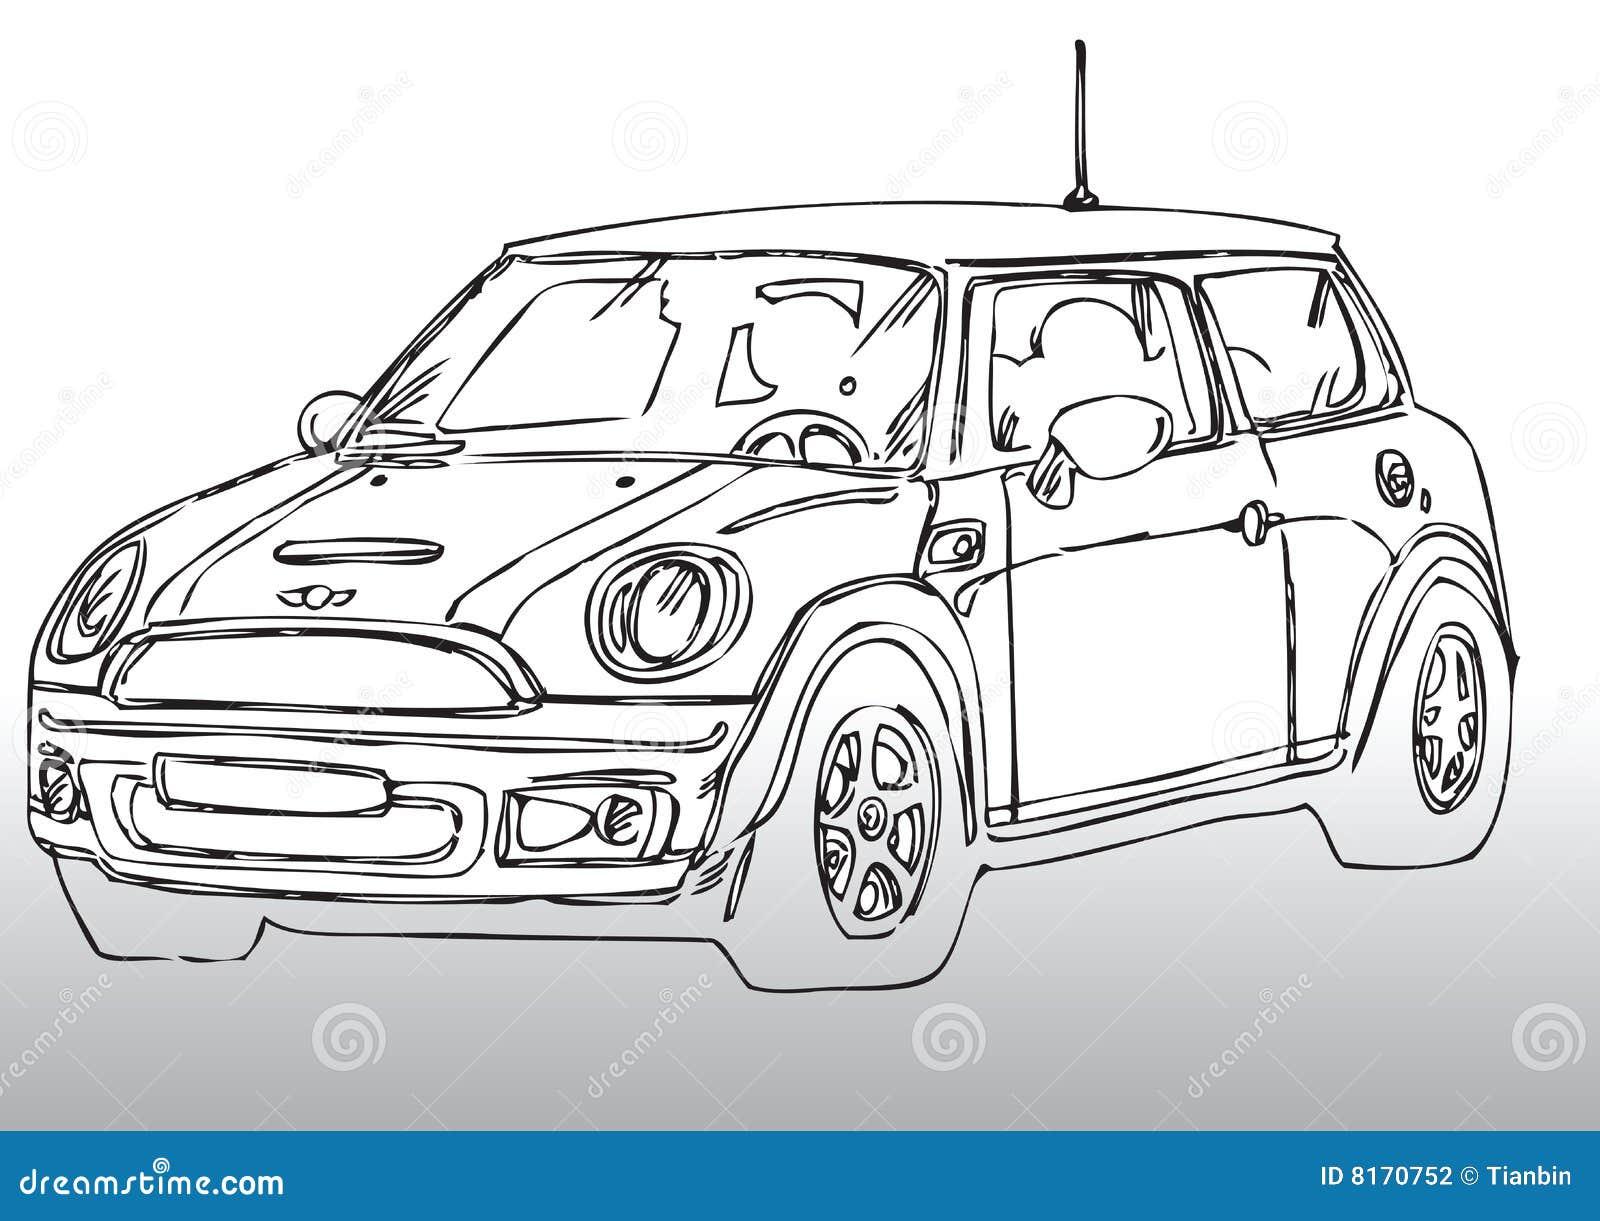 Tolle Autozeichnung Websites Fotos - Elektrische Schaltplan-Ideen ...